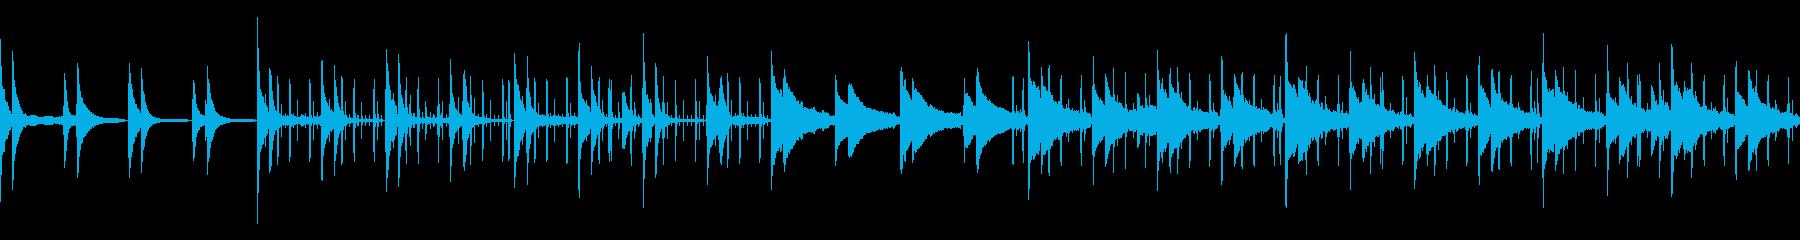 夜のくつろぎピアノビート(ループ仕様)の再生済みの波形